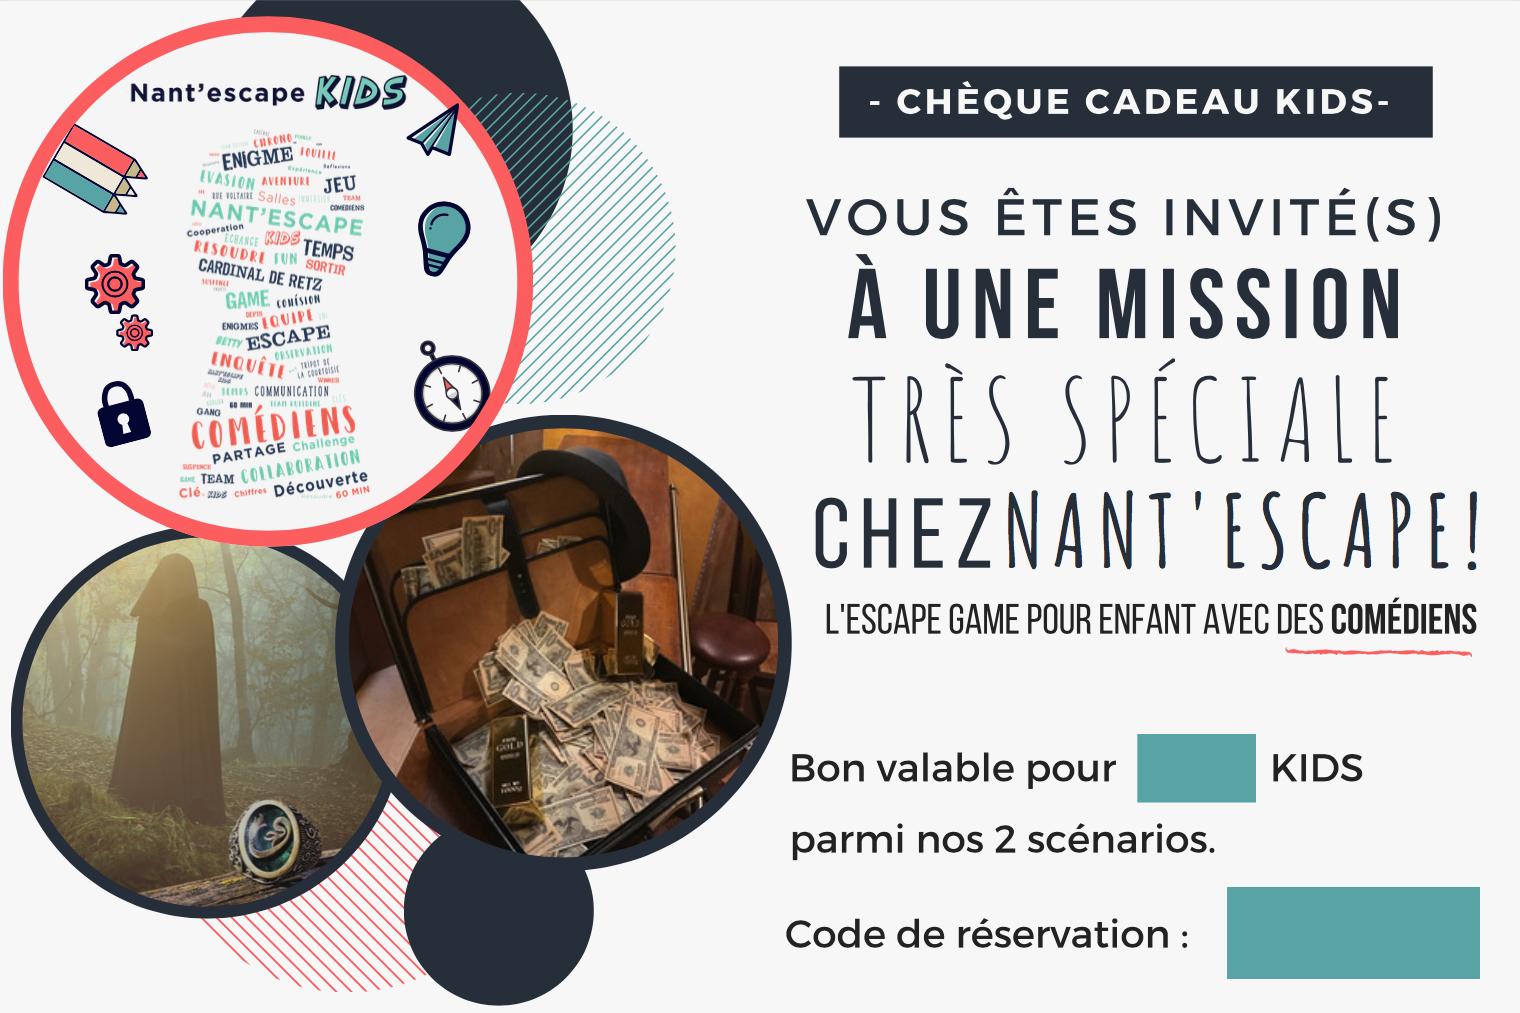 offrir - chèque cadeau - Nantes - nant'escape - escape game - comédiens